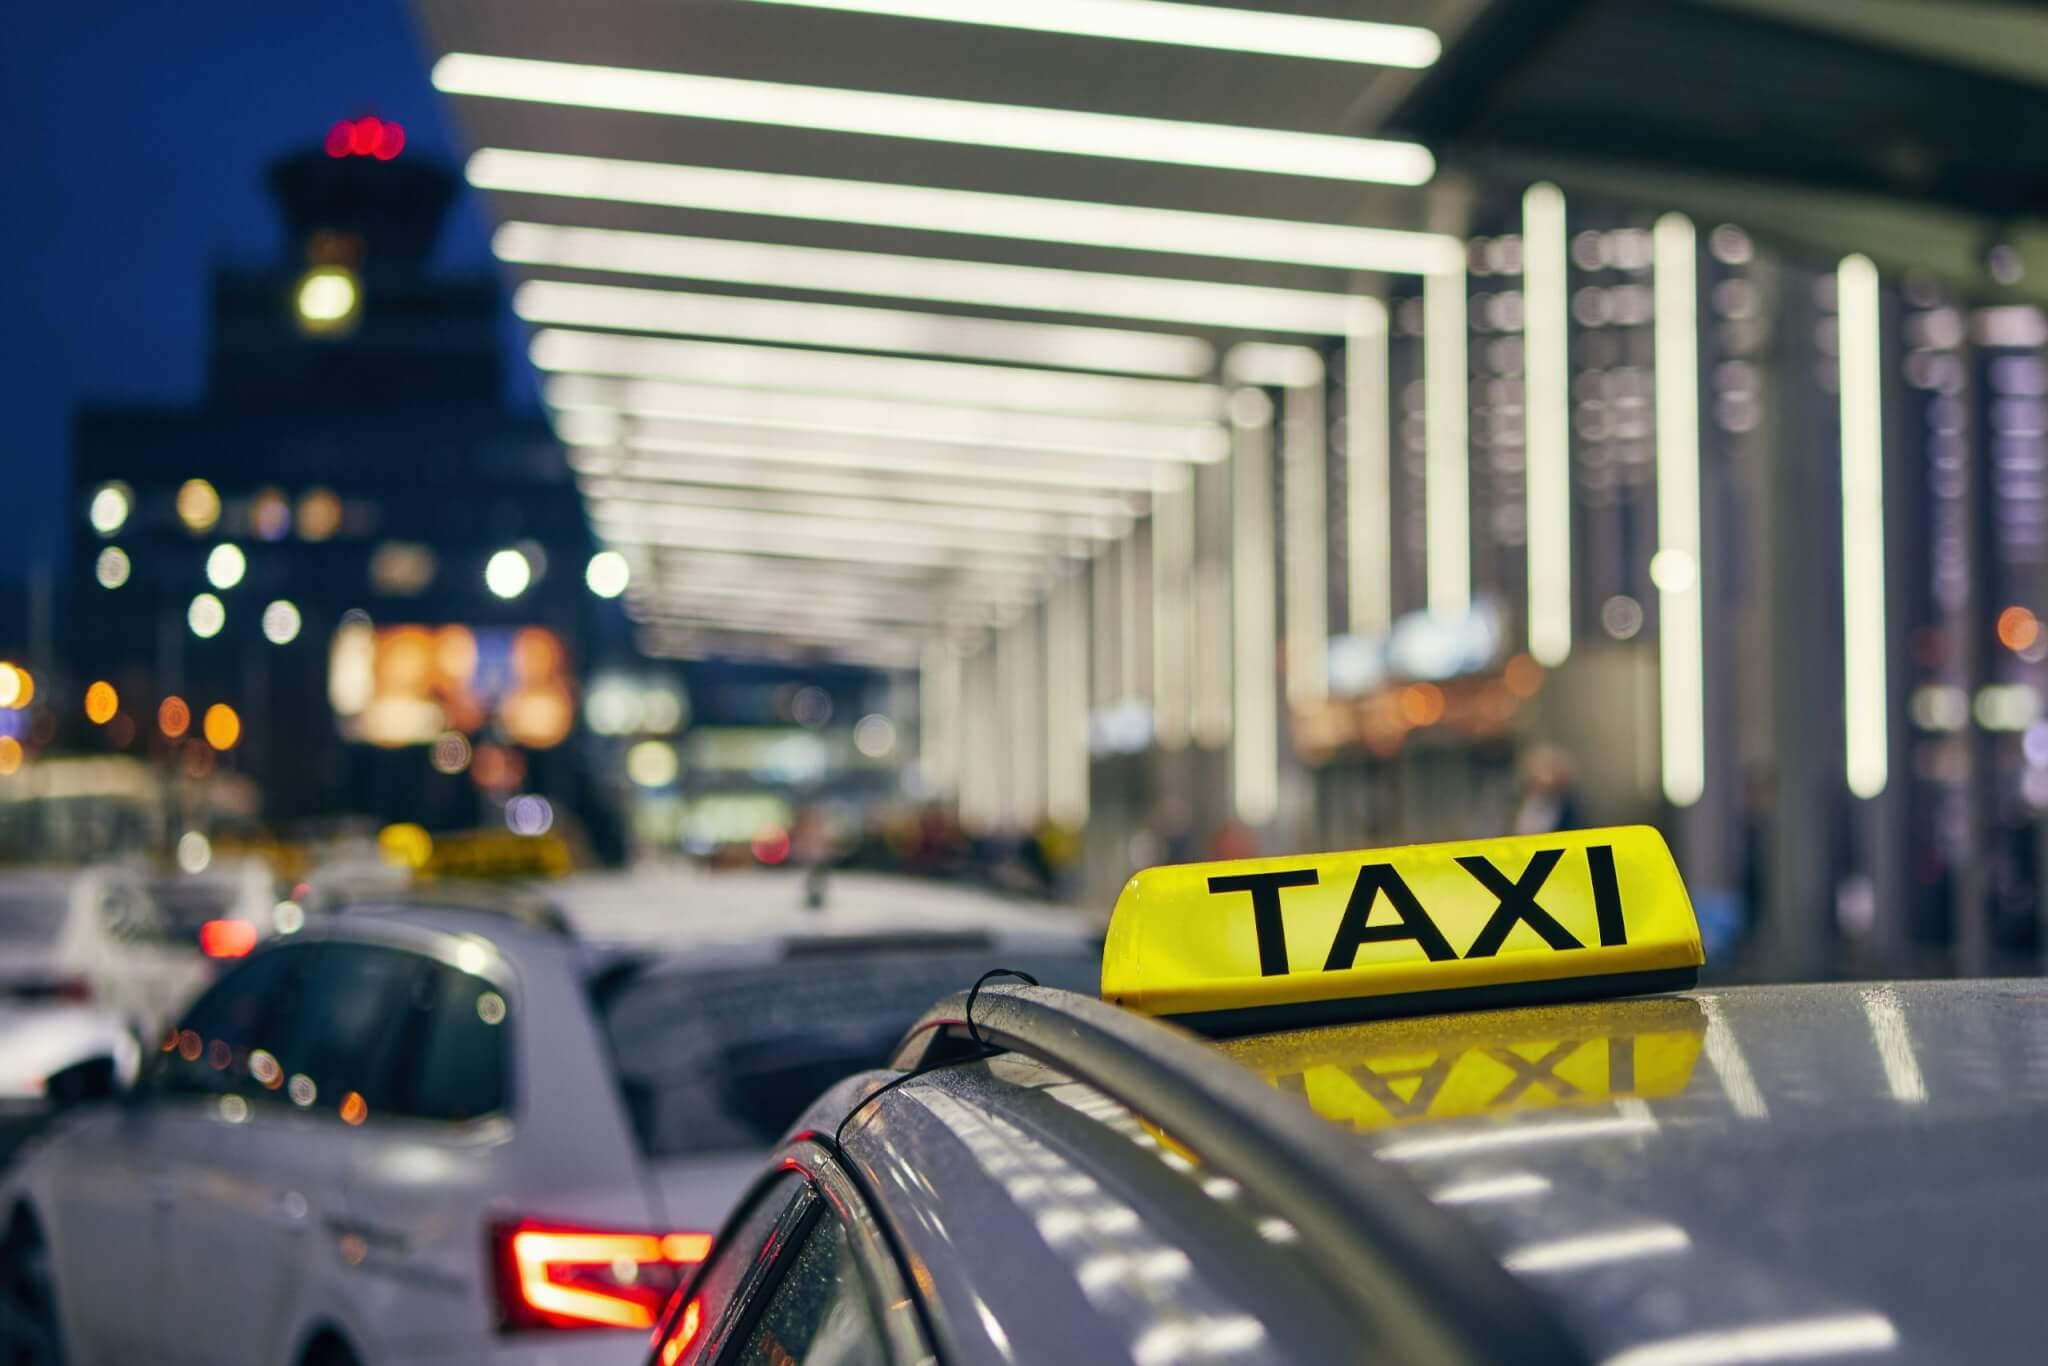 Lighting taxi sign vår fasta prislista boka och beställ taxi landskrona service vi kör i hela skåne